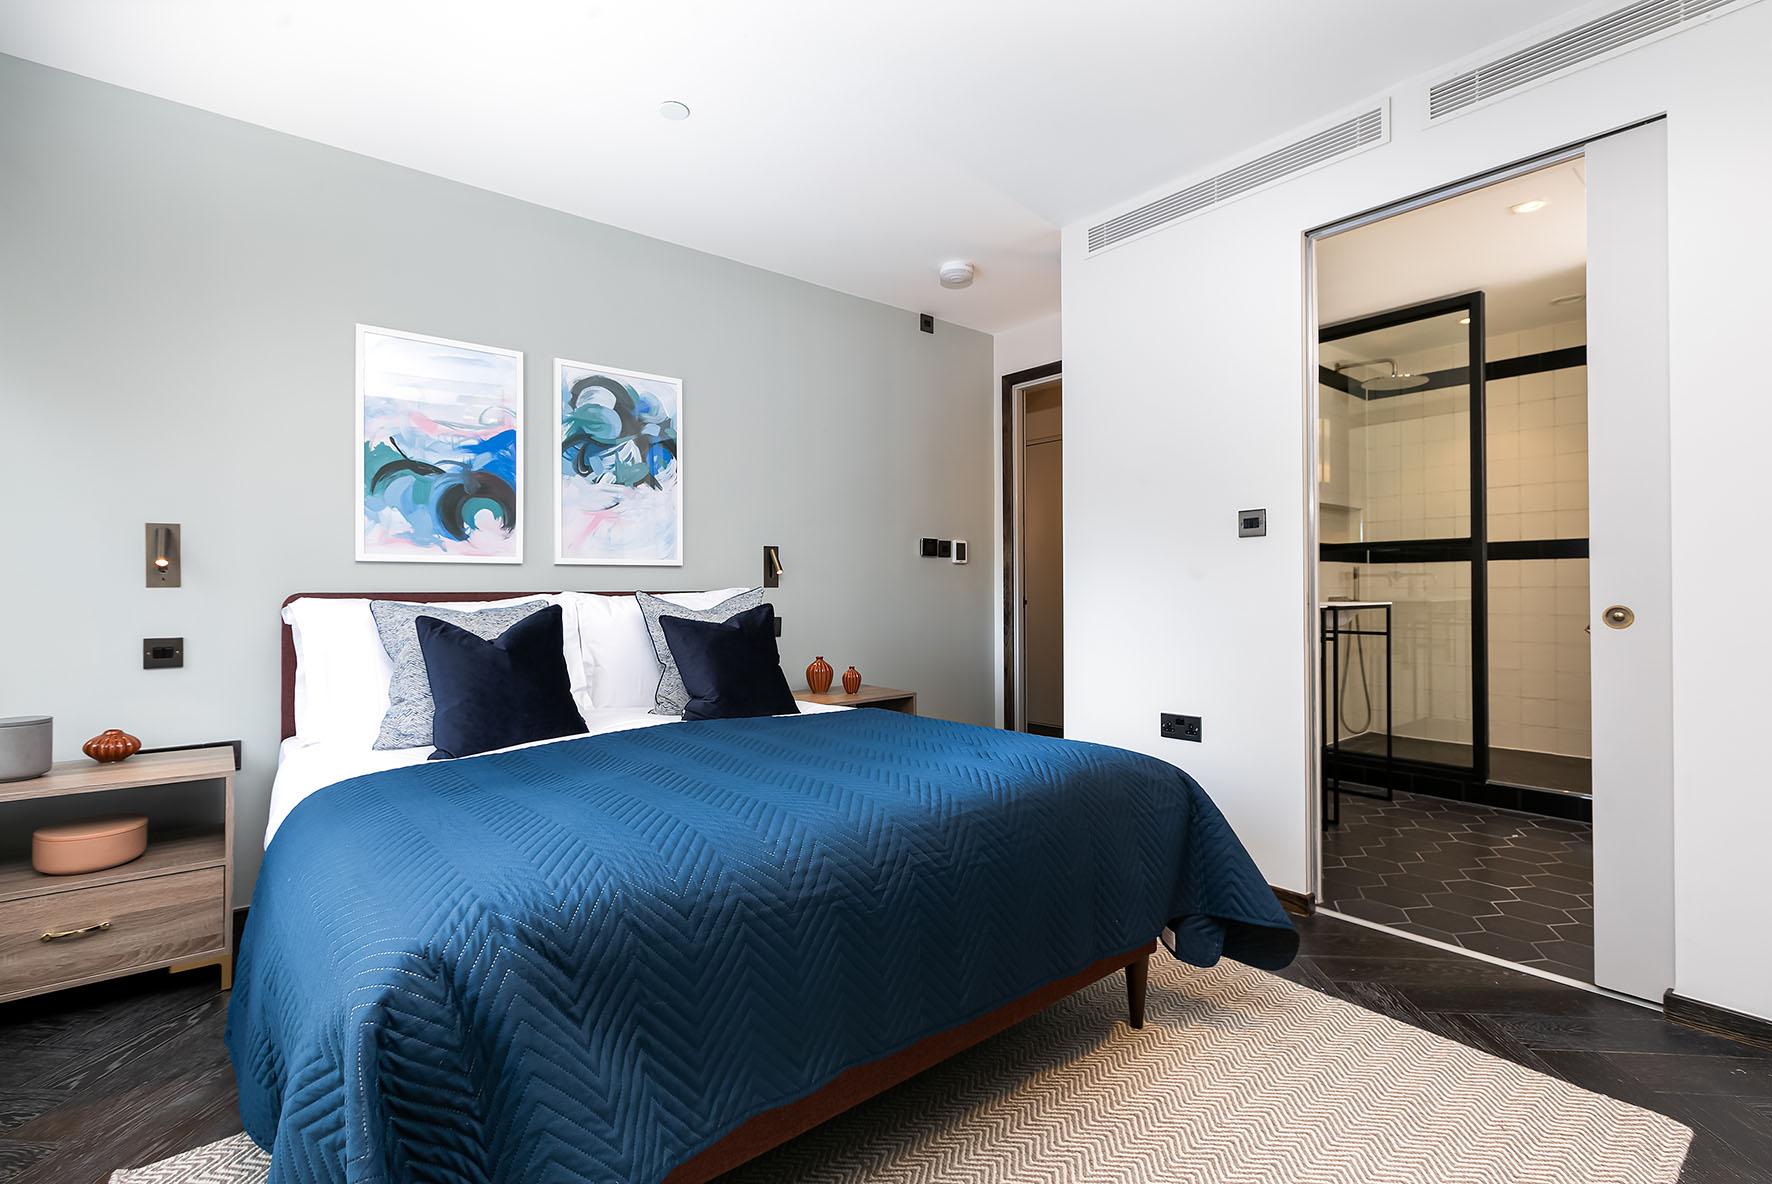 Lovelydays luxury service apartment rental - London - Soho - Noel Street VI - Lovelysuite - 2 bedrooms - 2 bathrooms - Queen bed - luxury apartment in london - 3743eabde27a - Lovelydays